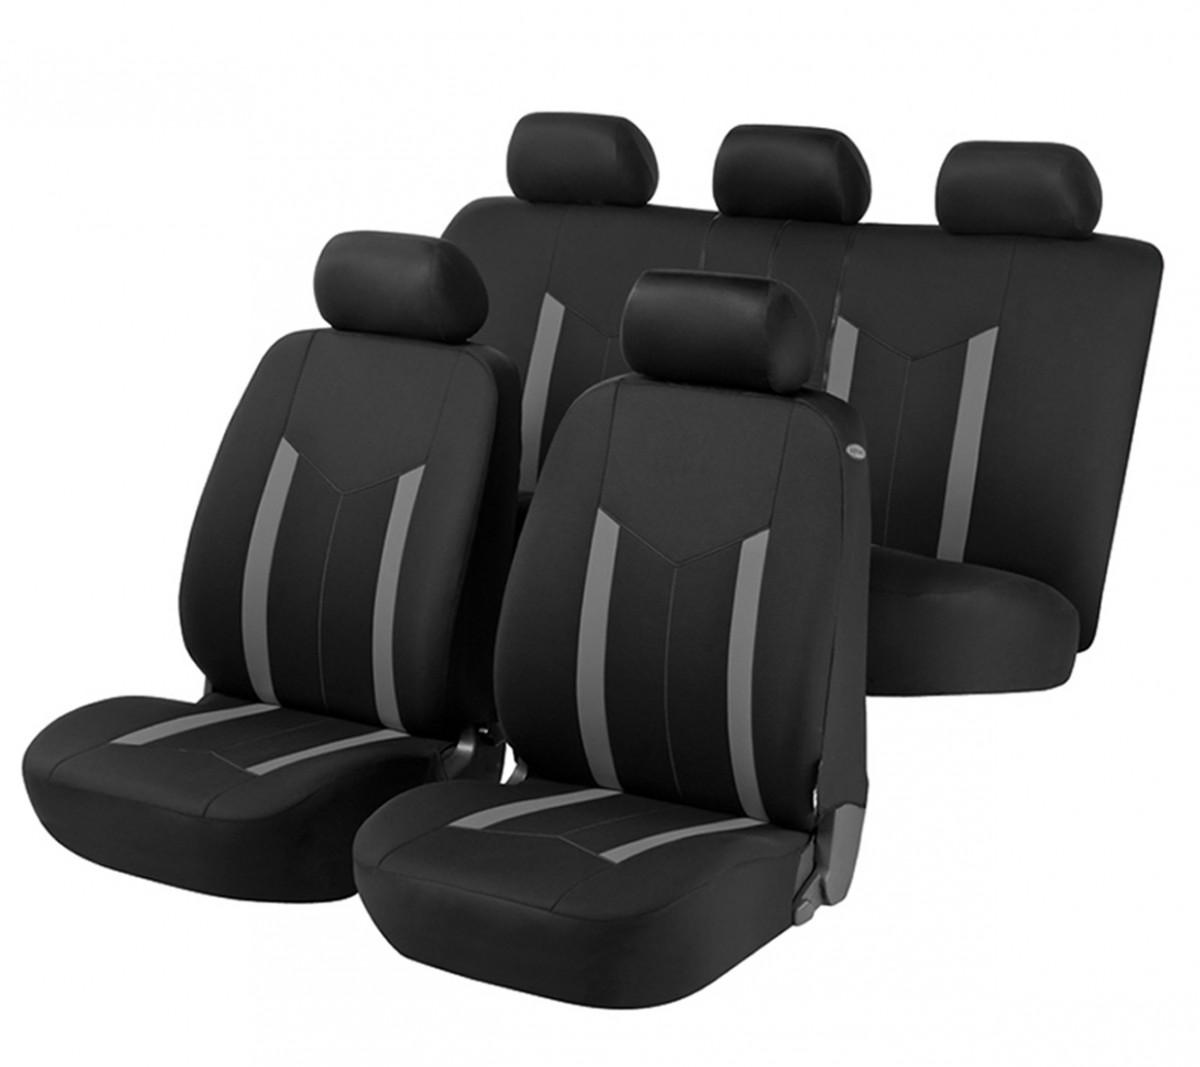 Schwarz-blau Effekt 3D Sitzbezüge für SUZUKI IGNIS Autositzbezug VORNE